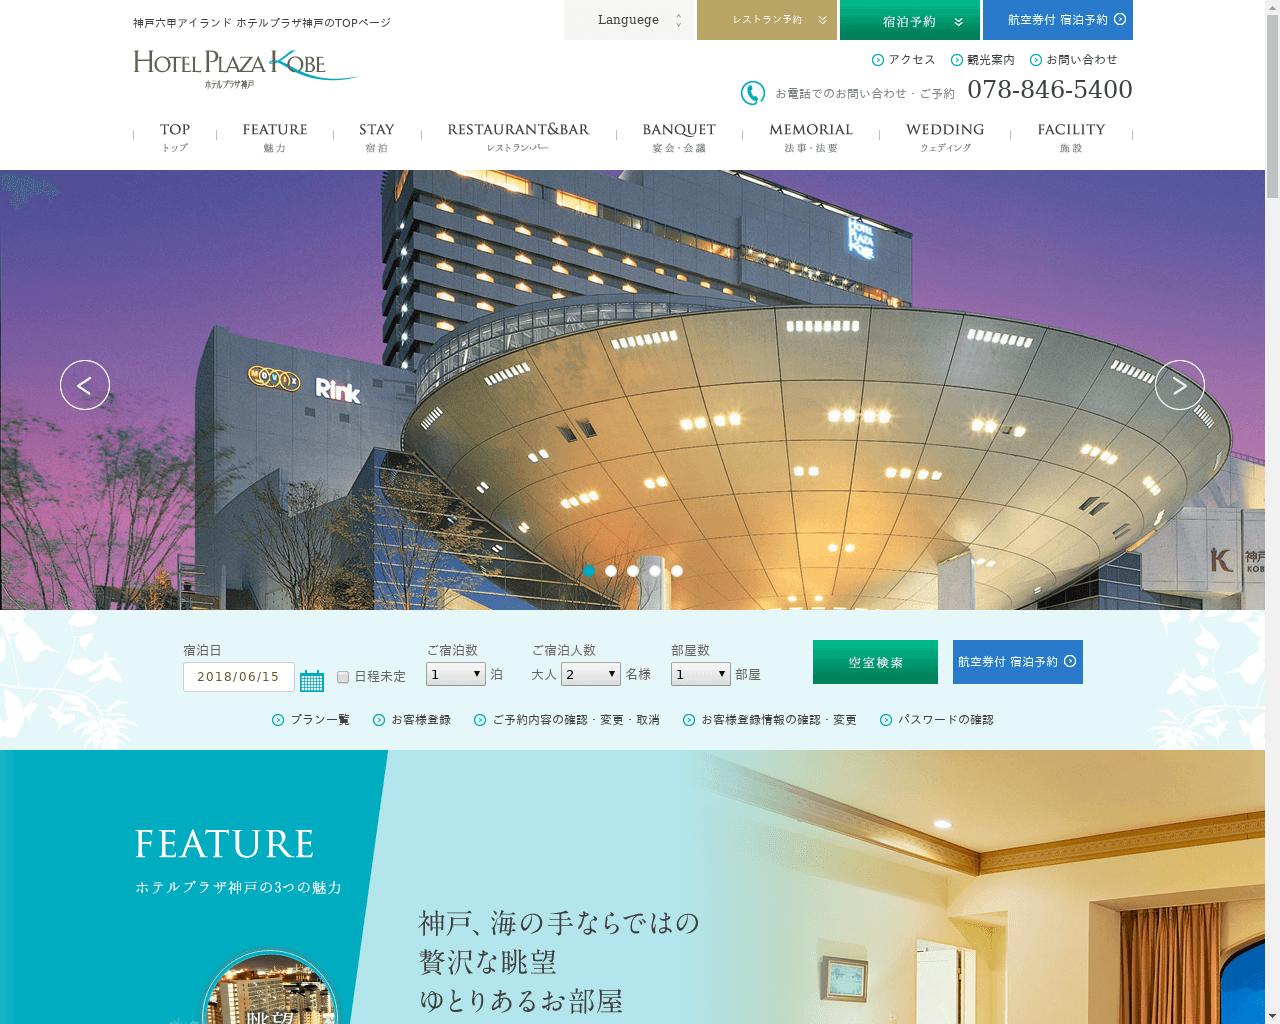 高級ホテル特集 六甲アイランド ホテルプラザ神戸